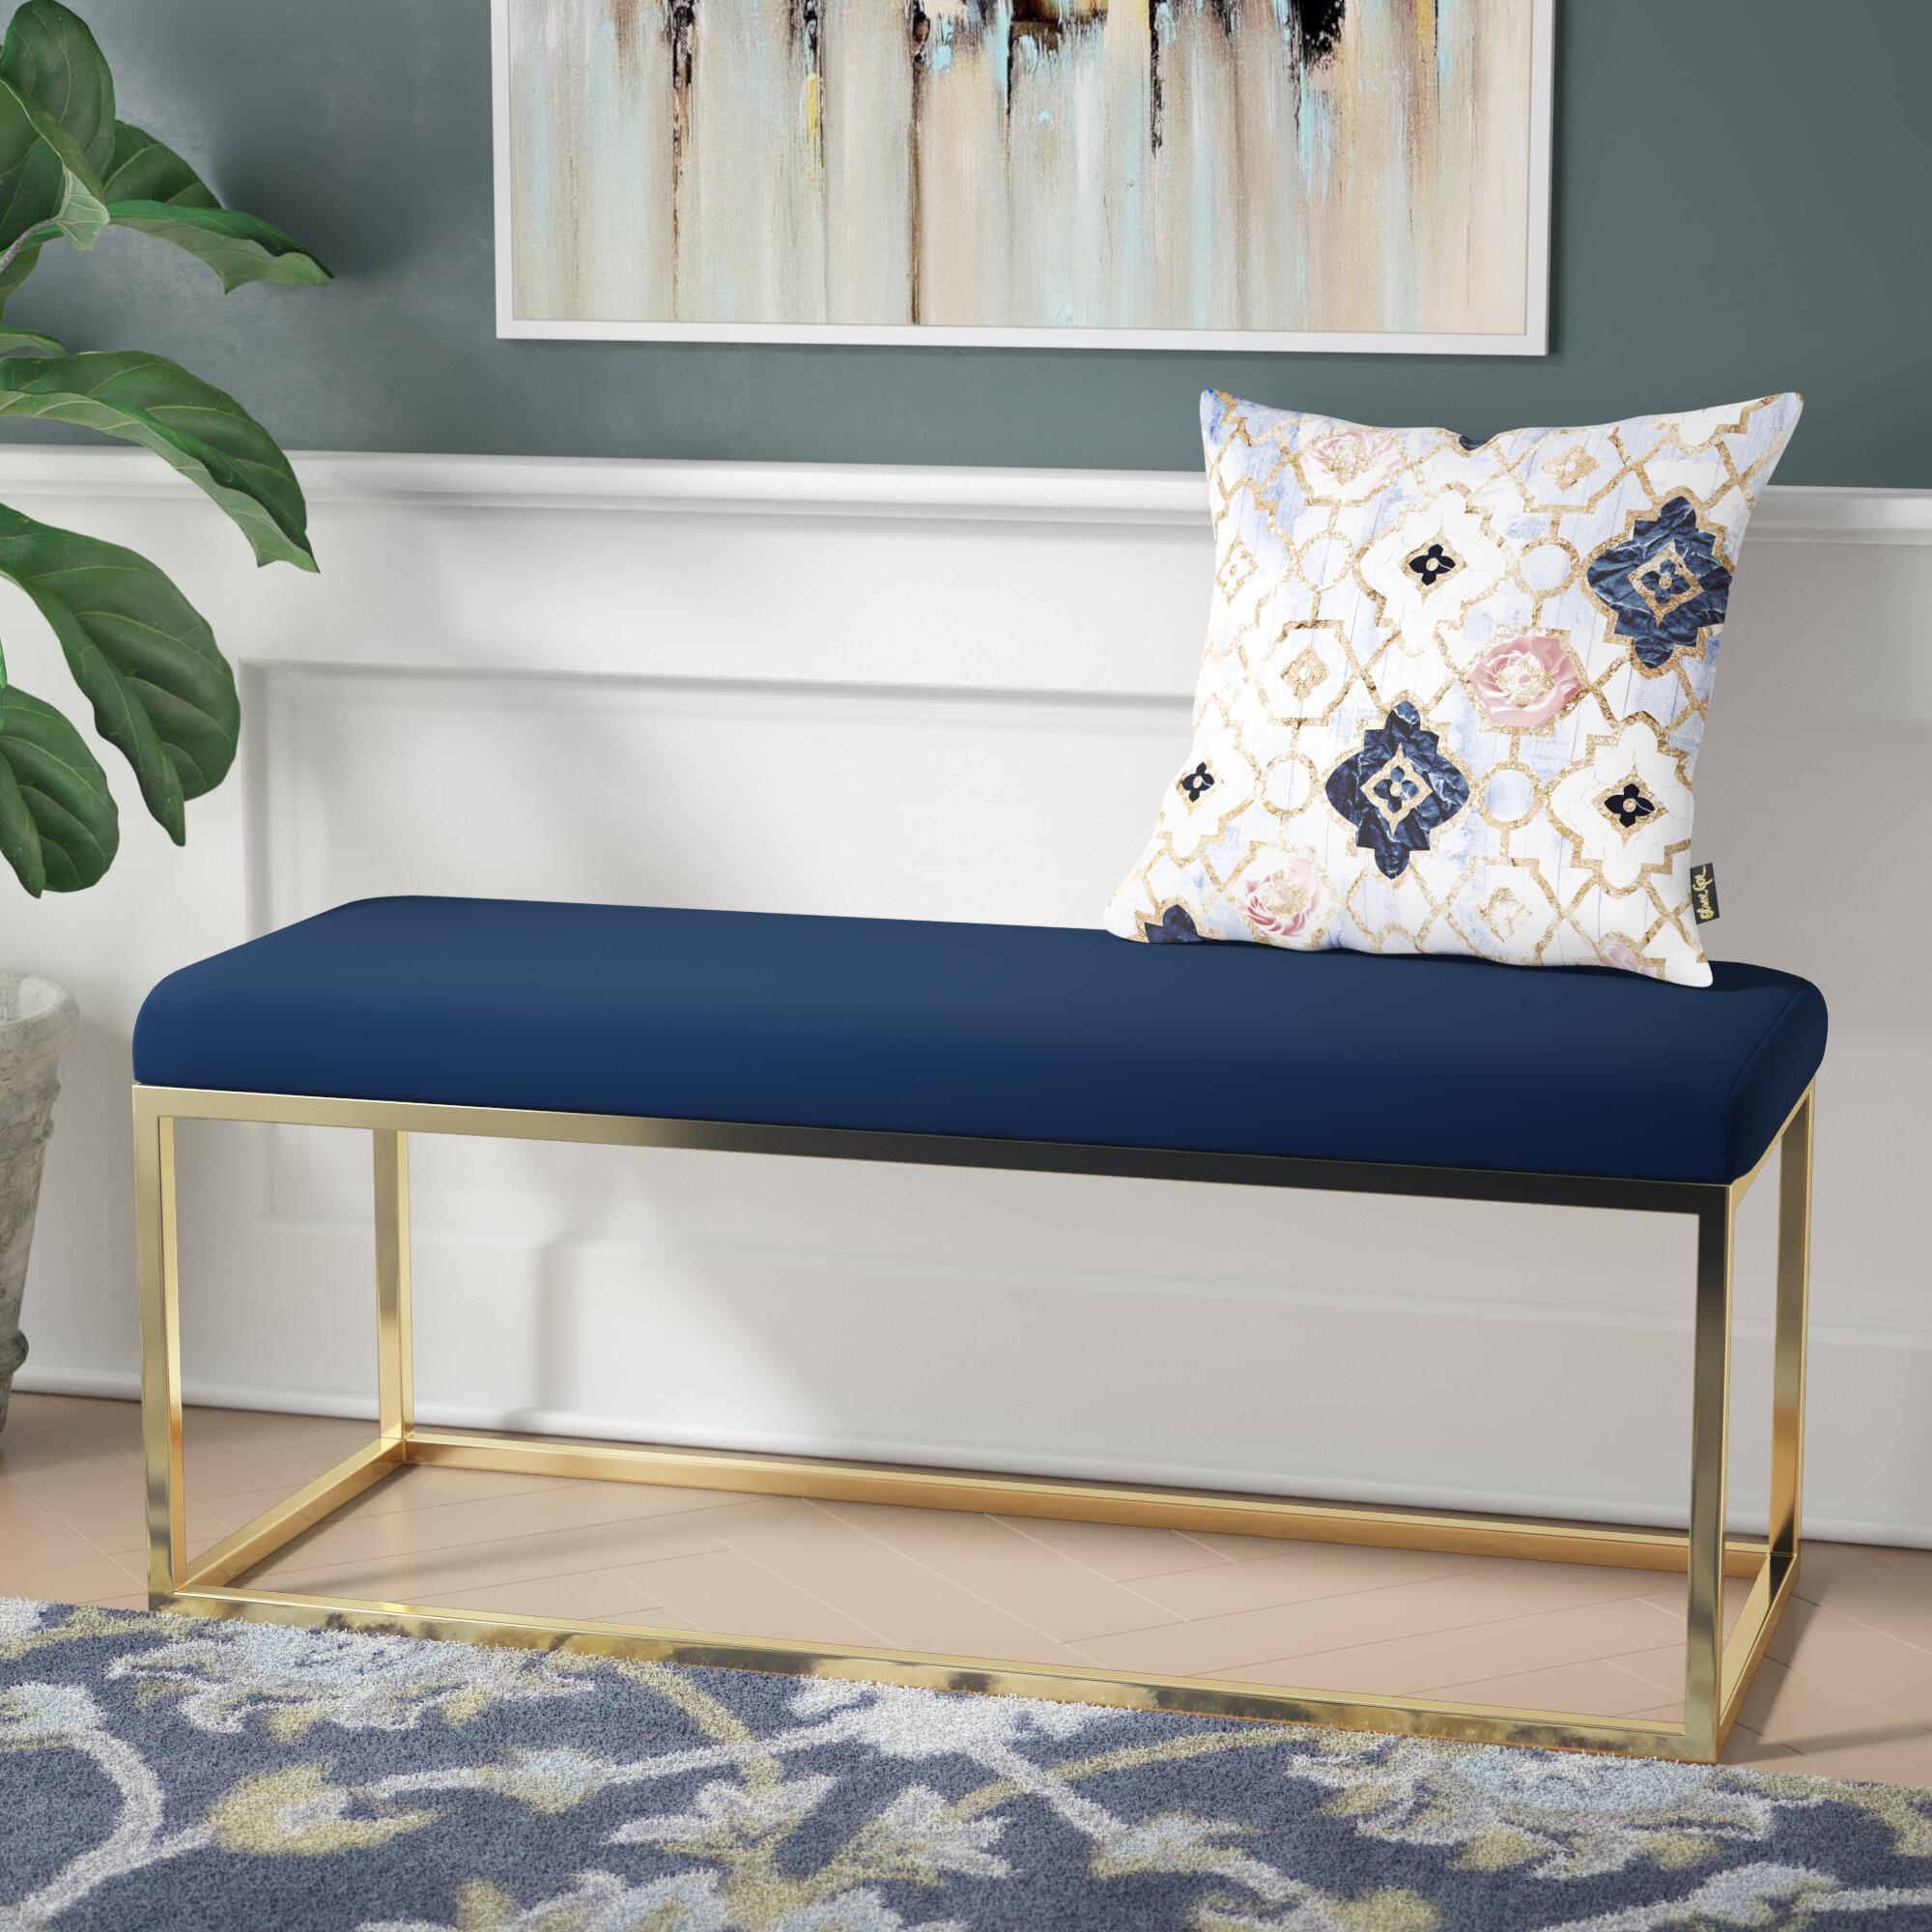 Annalise Upholstered Bedroom Bench